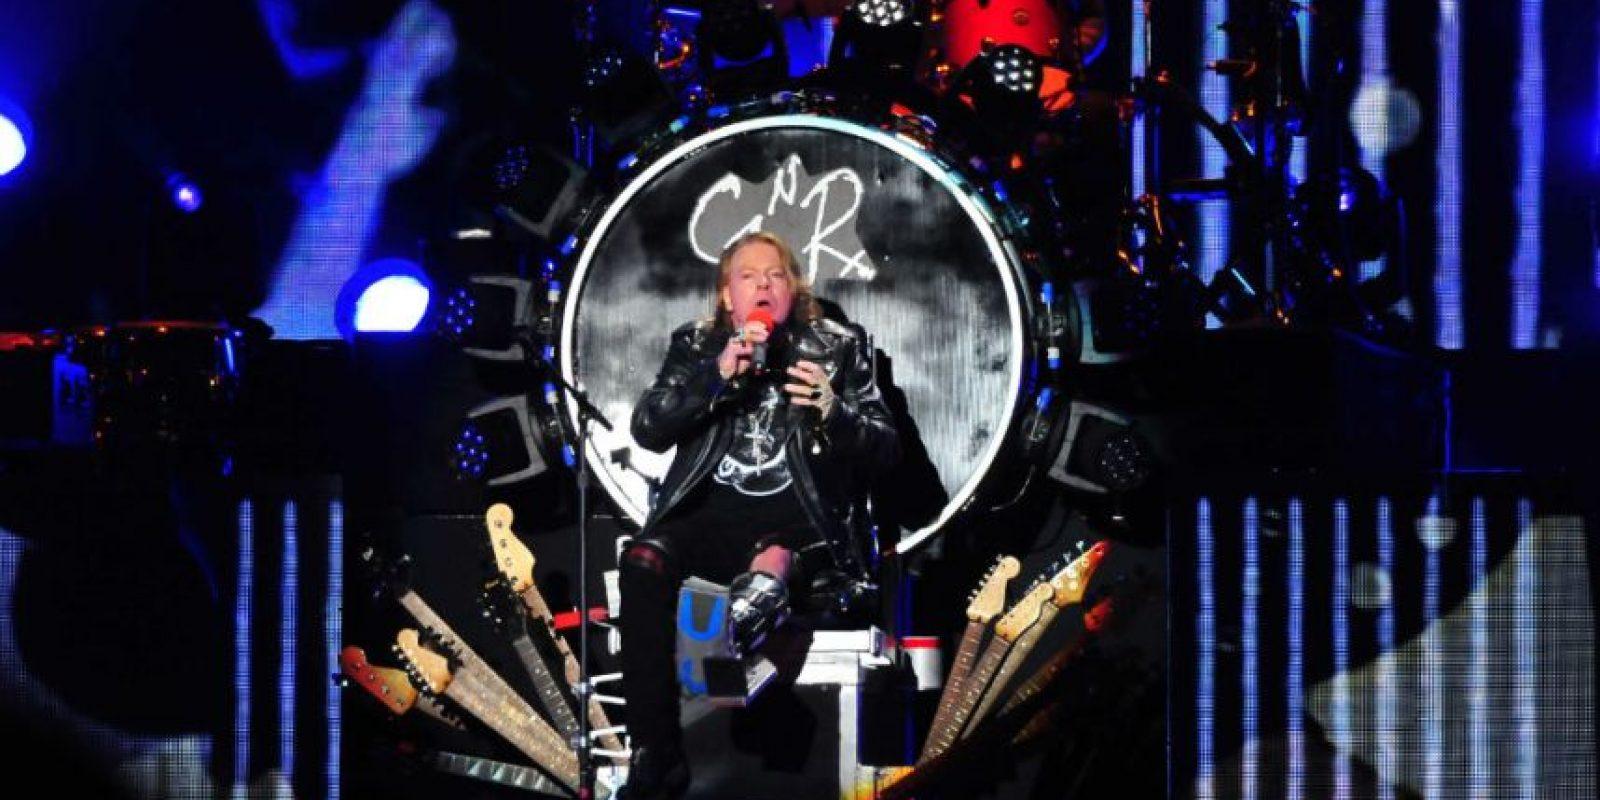 """Debido a su lesión, Axl Rose seguirá sobre """"el trono de guitarras"""" interpretando sus éxitos. Foto:Arturo Quintero / JDS"""